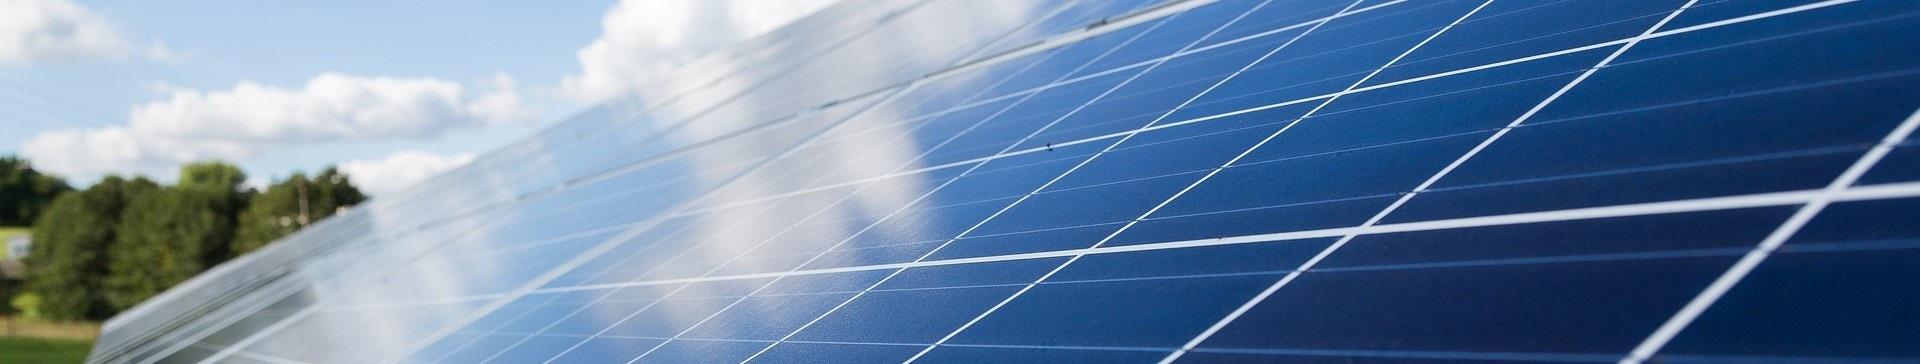 Les systèmes hybrides photovoltaïque/thermique (PV/T)